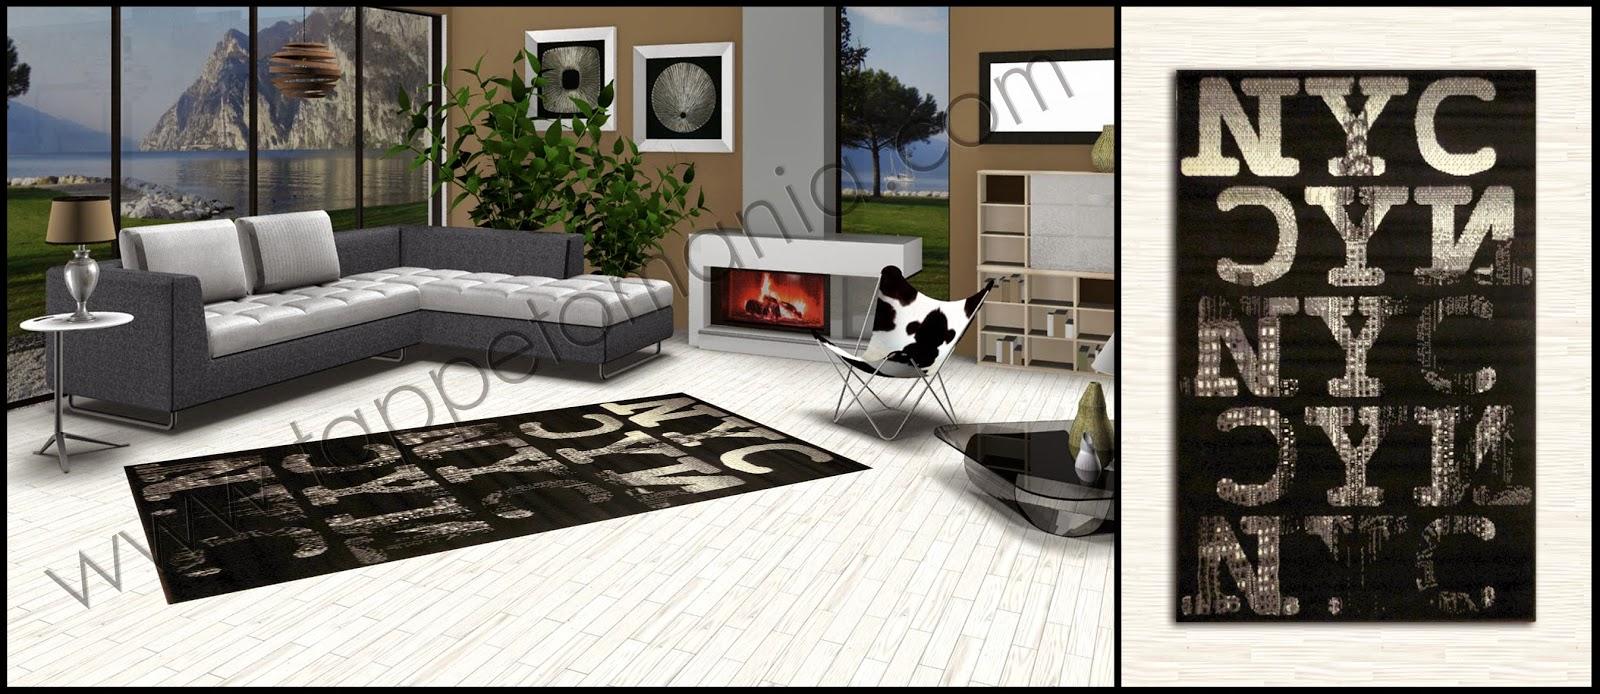 Tappeti da cucina a basso costo tappetomania tappeti - Tappeti quadrati moderni ...